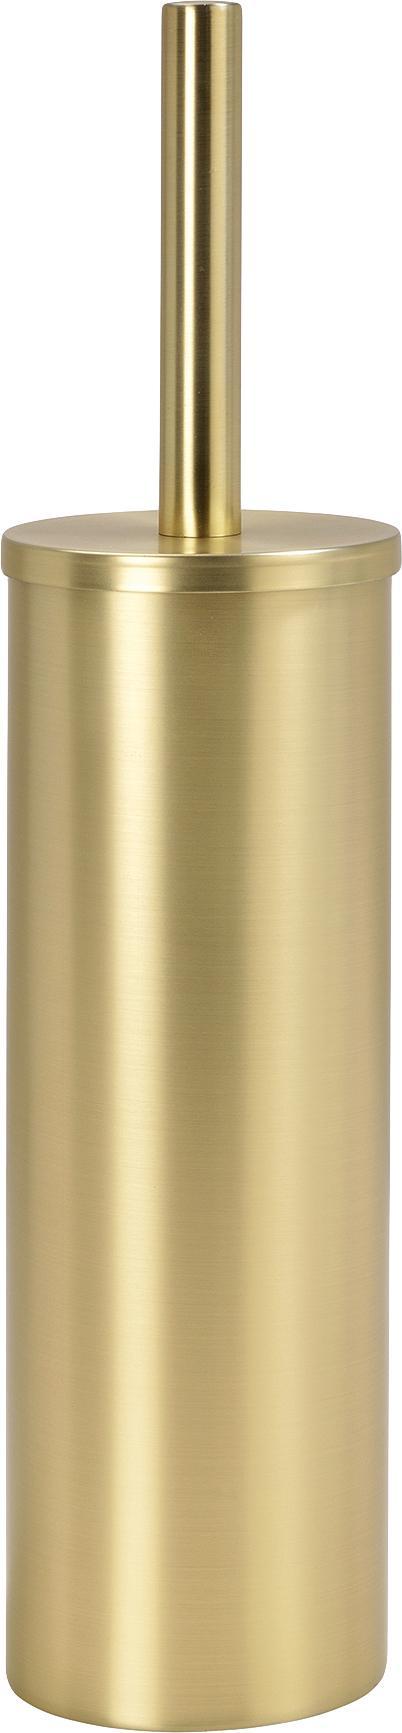 Scopino Onyar con contenitore in acciaio inossidabile, Contenitore: acciaio inossidabile rive, Ottonato, Ø 9 x Alt. 41 cm